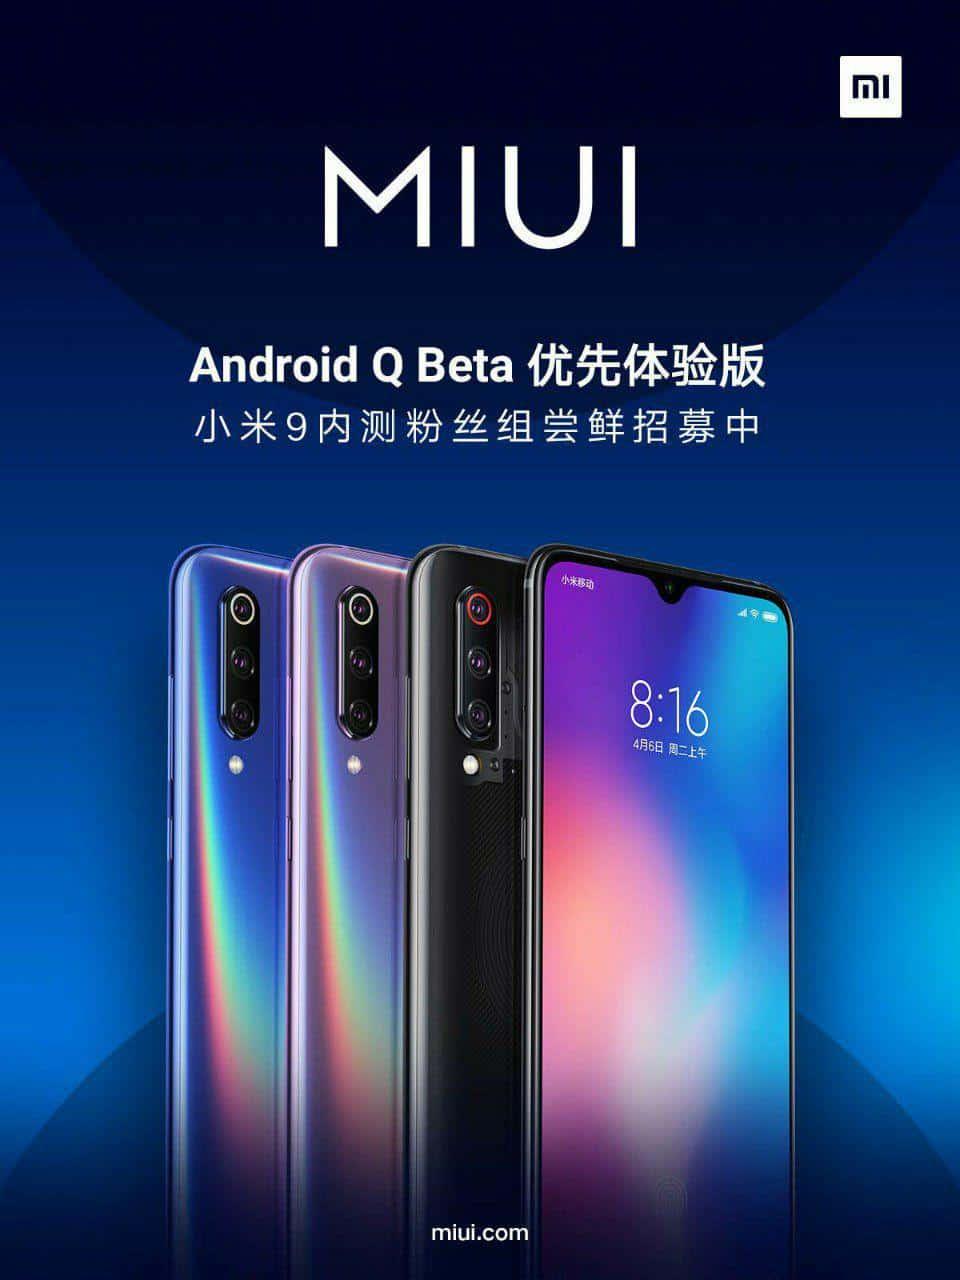 xiaomi mi 9 update android q